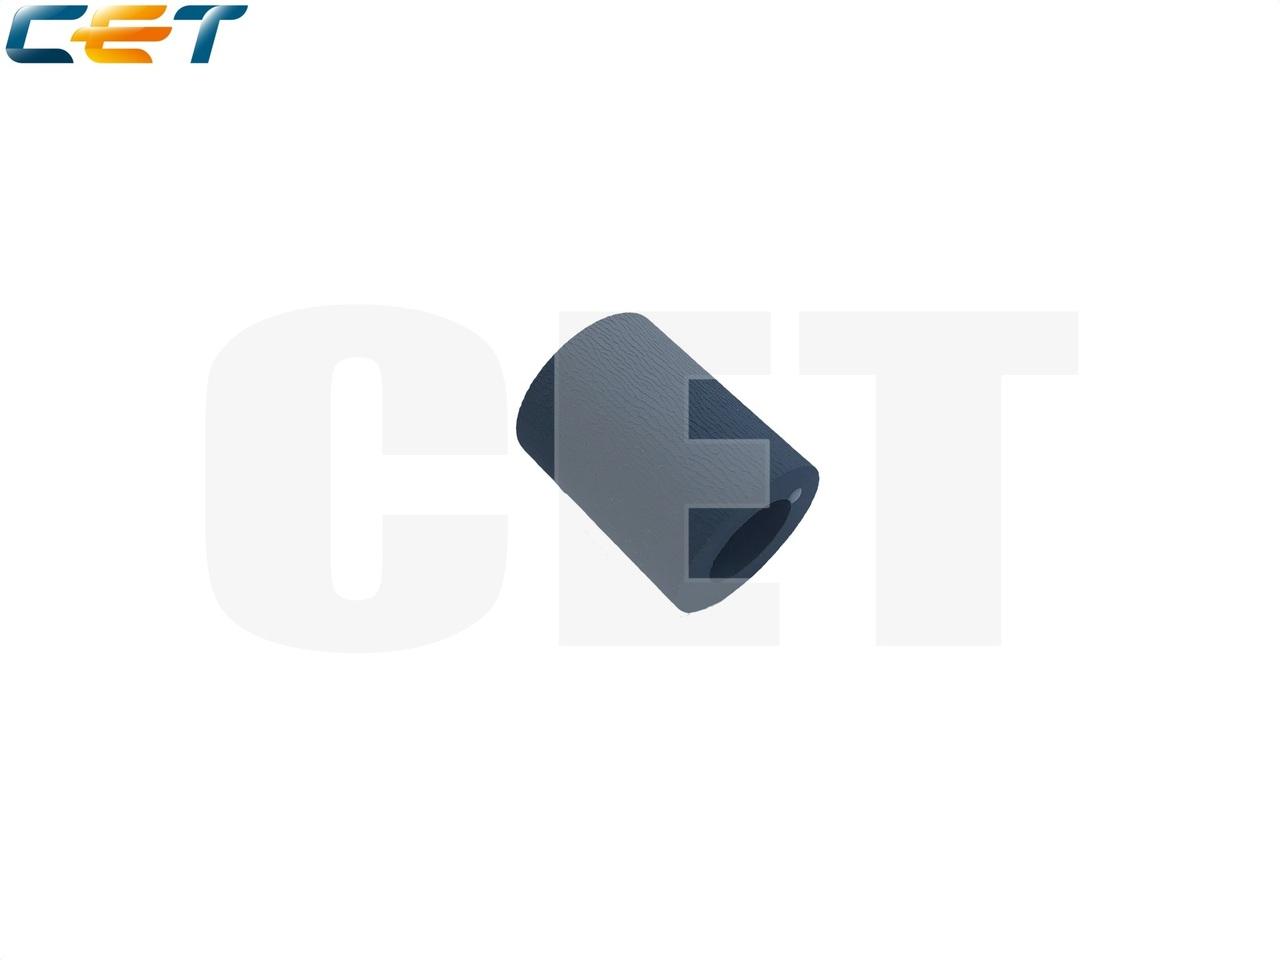 Резинка ролика подачи 2AR07220 для KYOCERAKM-1620/1635/2035/2530/3035 (CET), CET8828